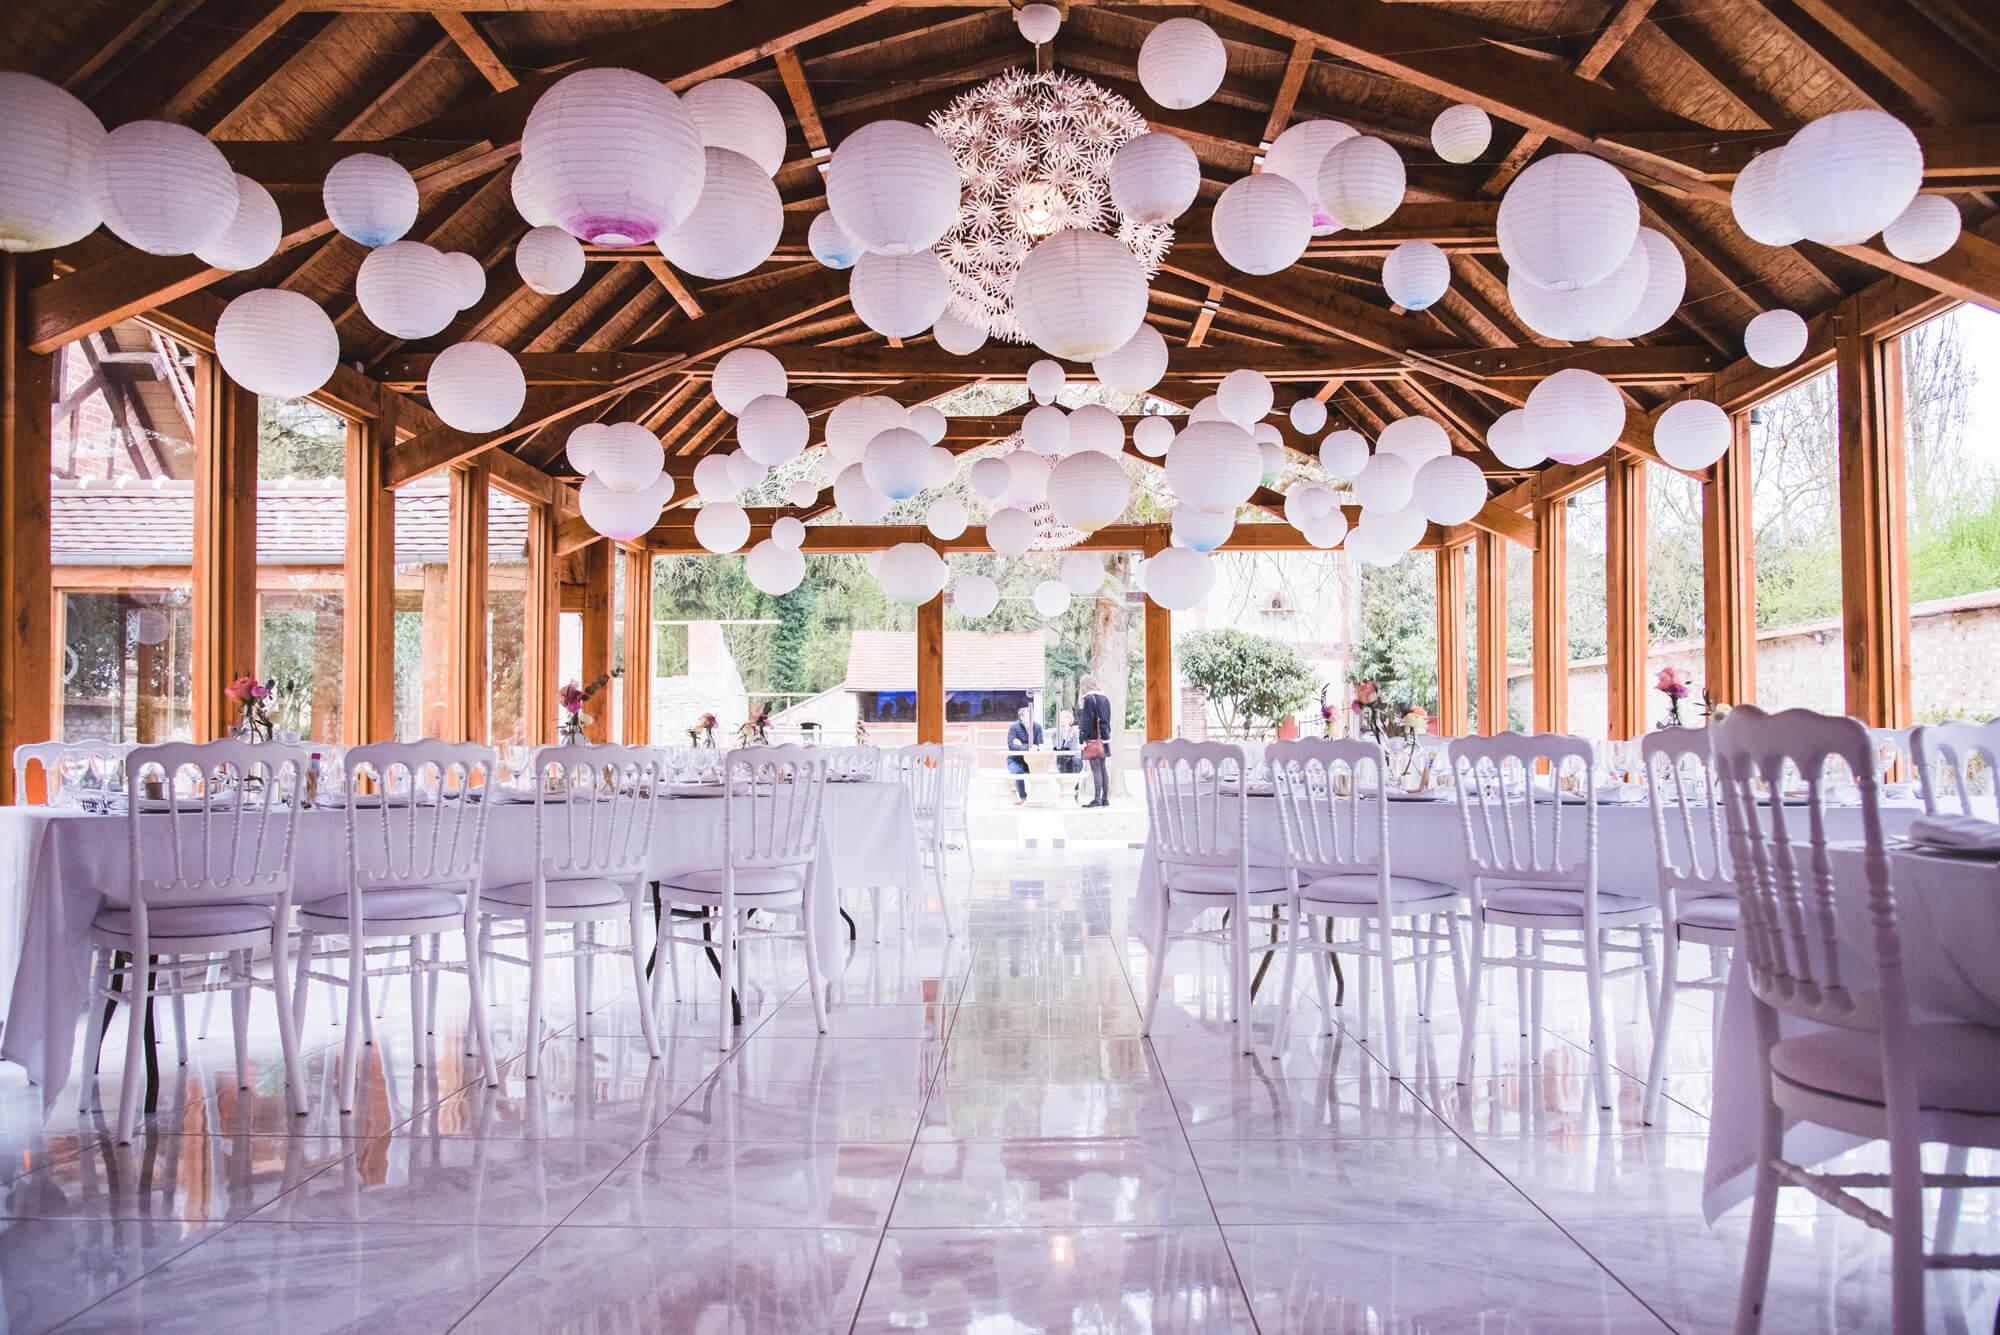 salle_mariage_decoration_organisation_prestataire